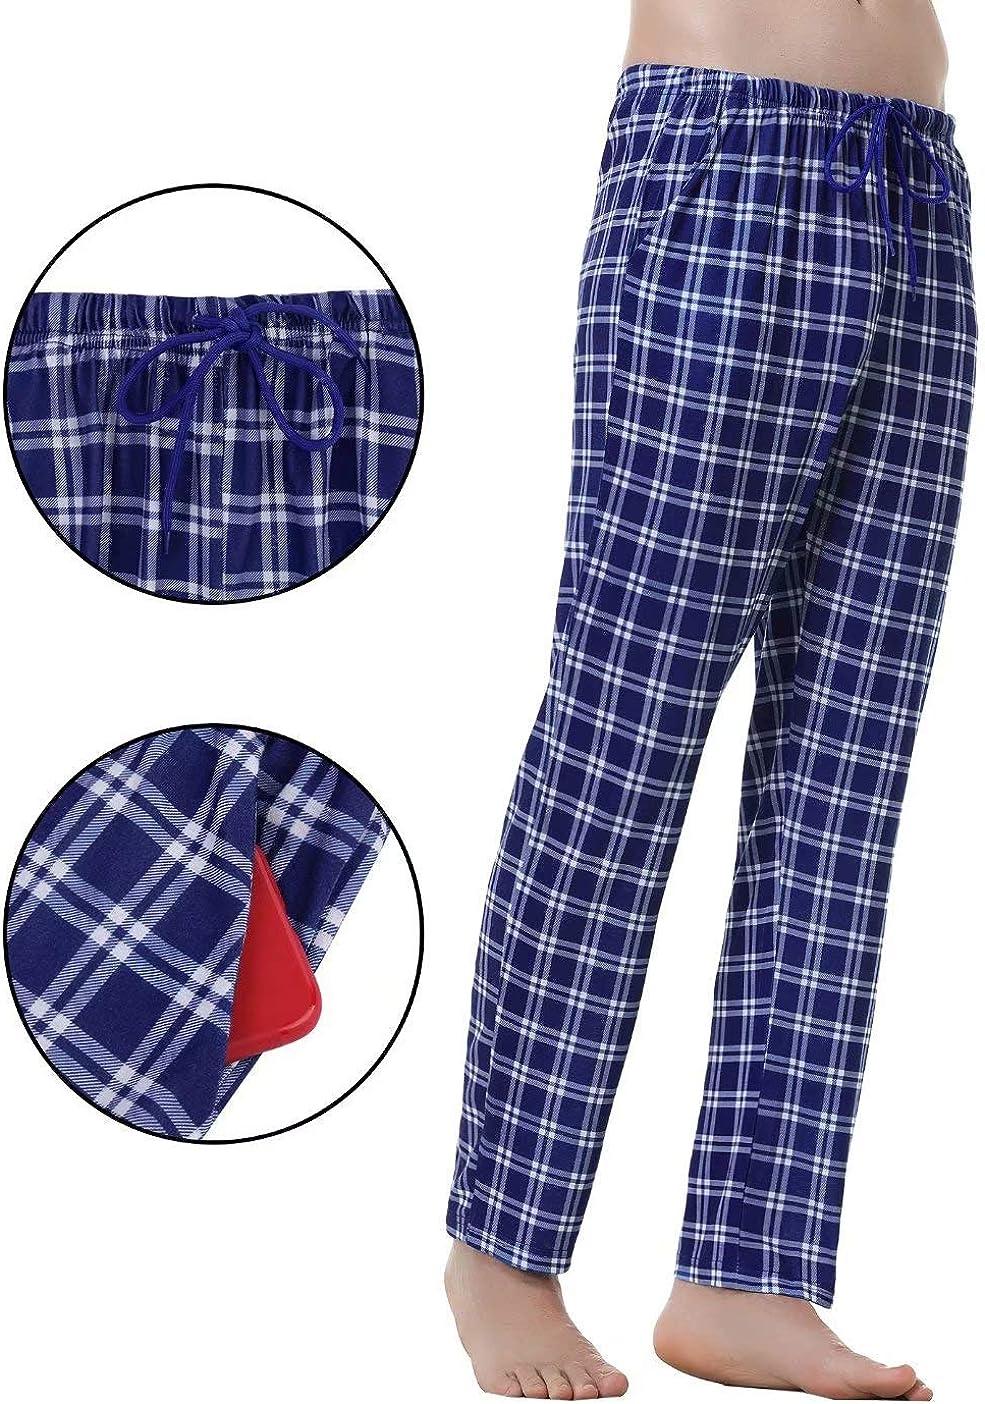 Uomo Pantaloni per Casa Sportivi Casual Pigiama Pantaloni Reticolo Pantaloni da Pigiama Uomo Pantaloni Pigiama Uomo in Cotone